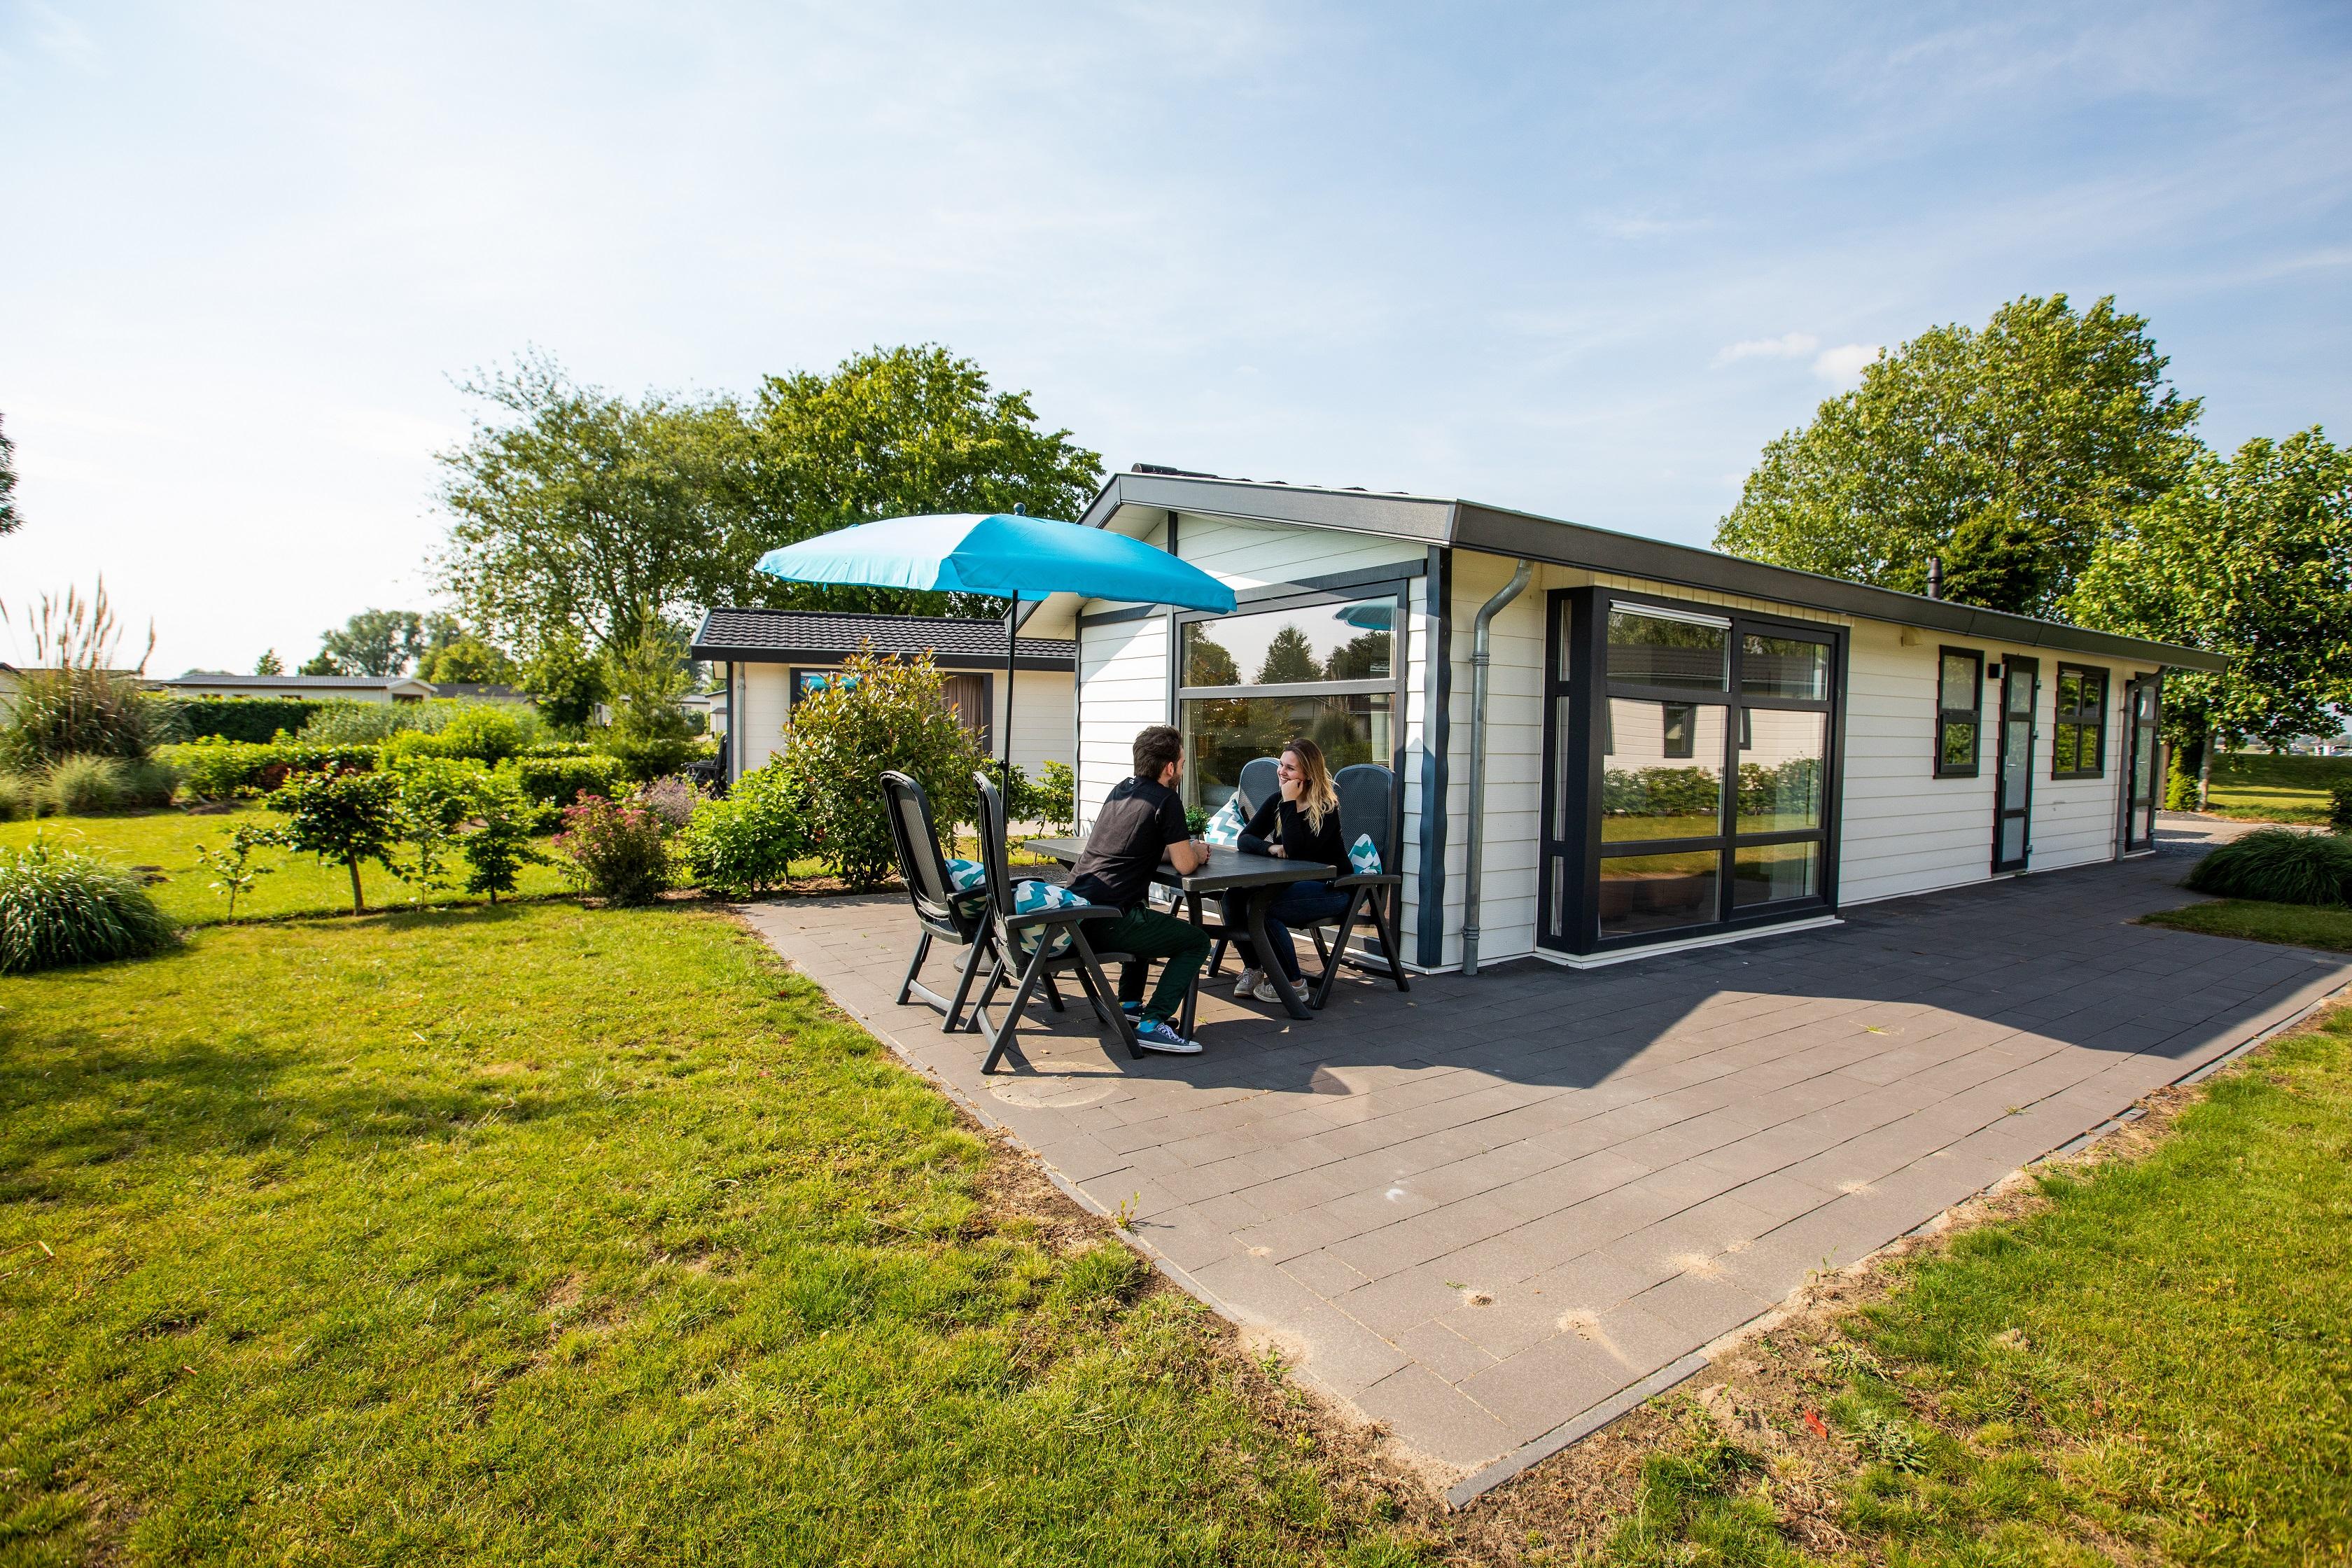 Ferienhaus für 4 Personen ca 45 m² in Aalst Gelderland